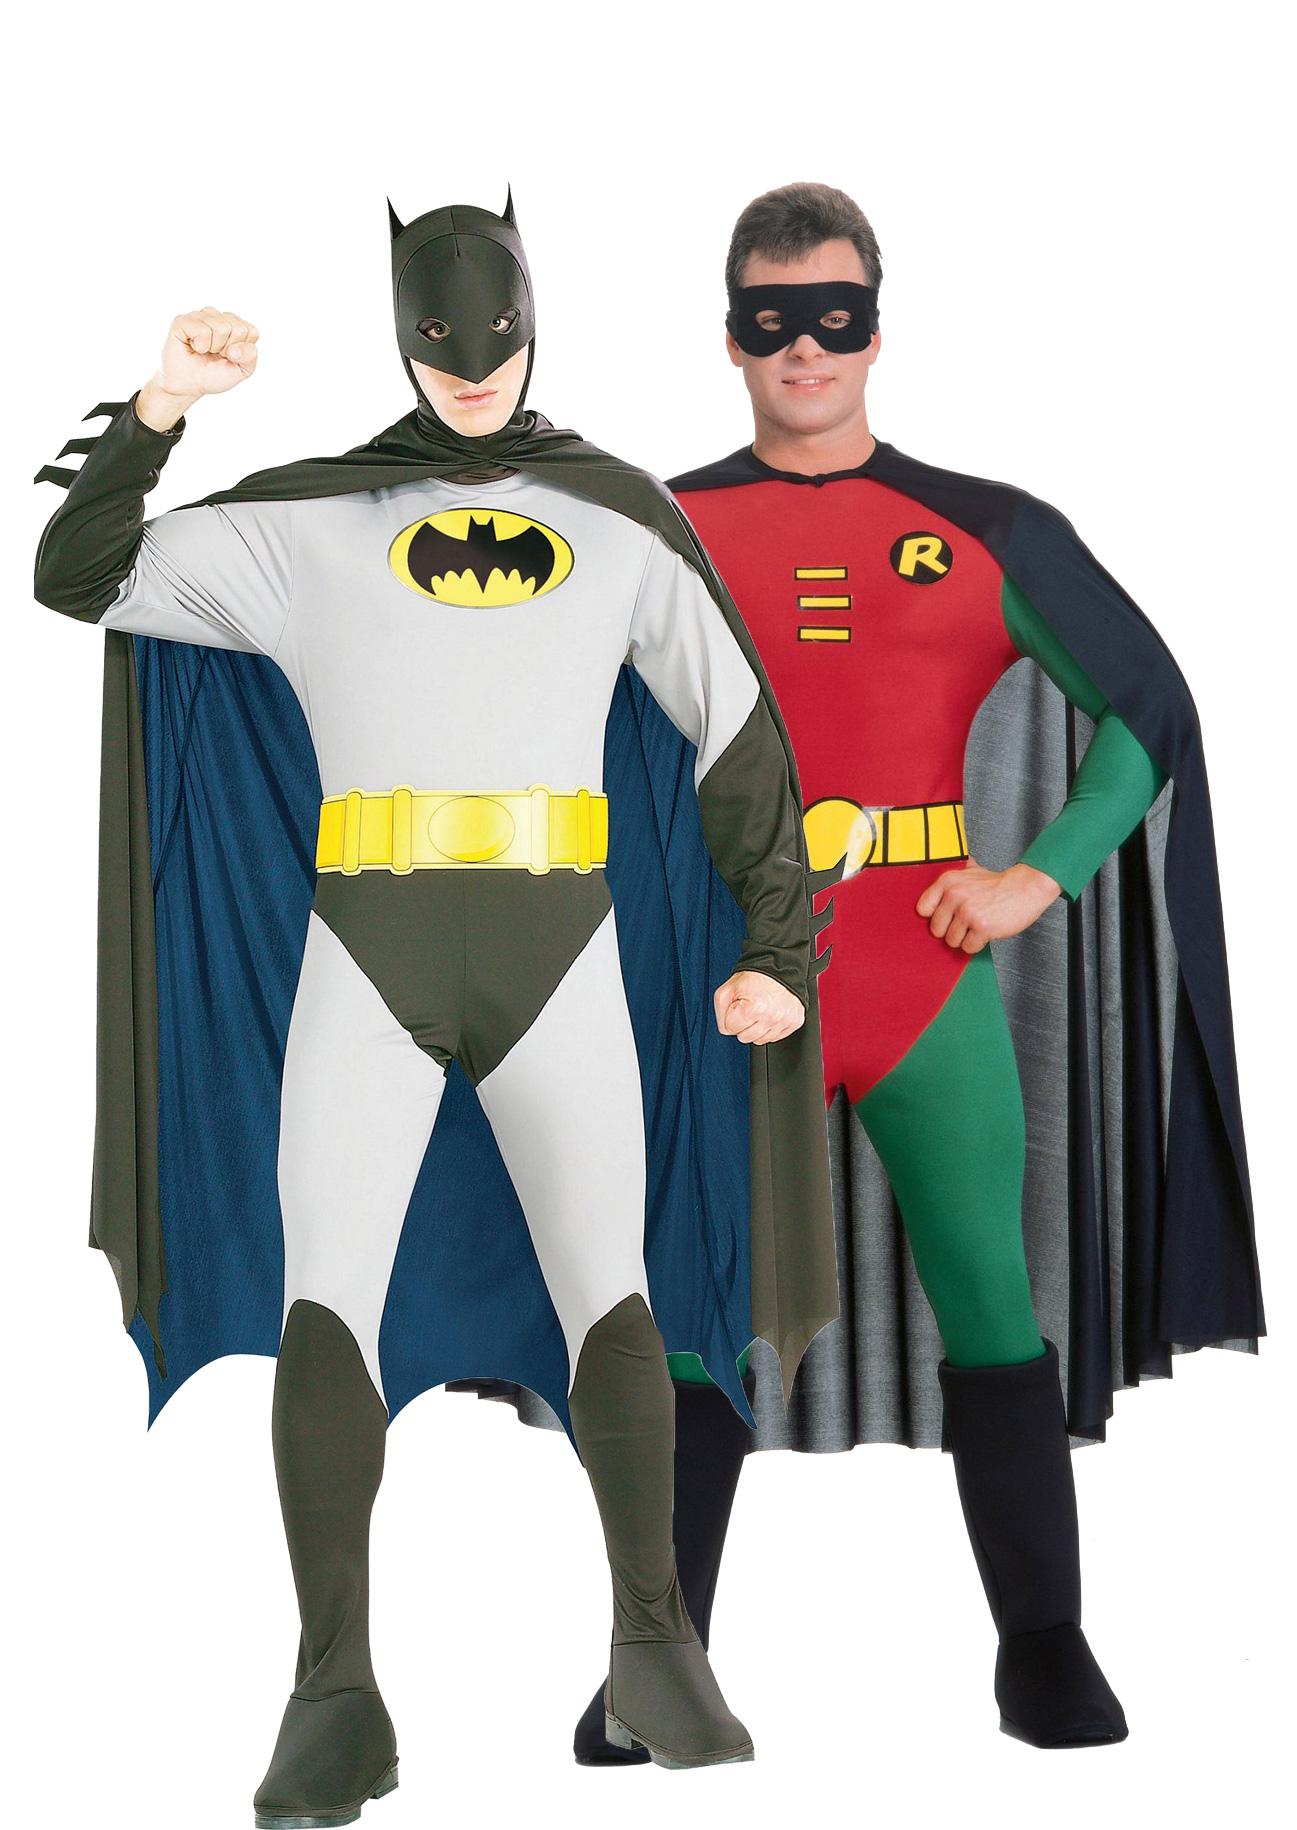 D guisement couple batman et robin - Image de batman et robin ...